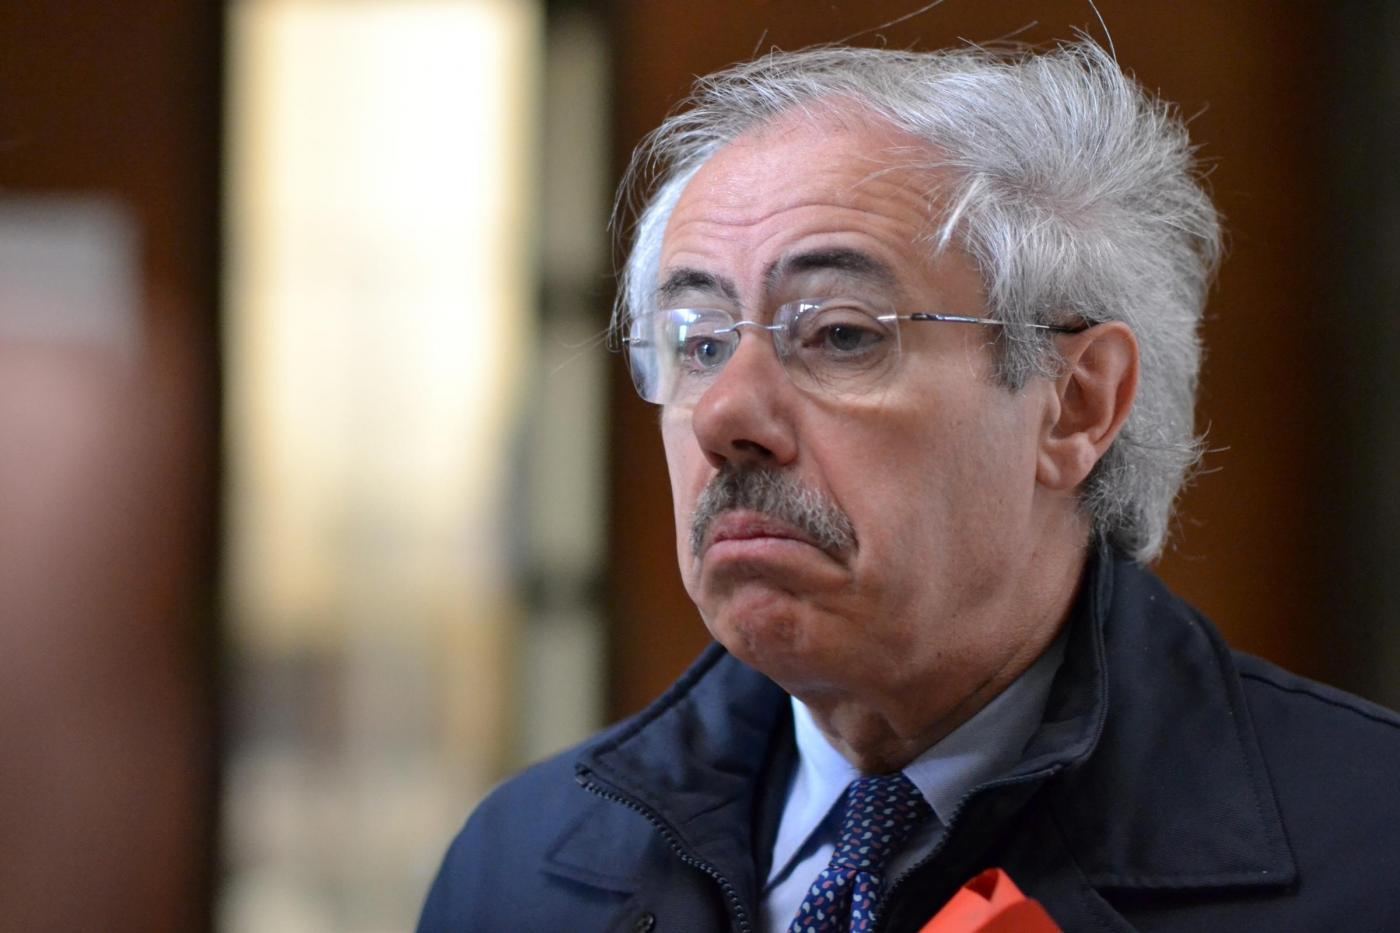 L'ex presidente della regione Sicilia Raffaele Lombardo a giudizio presso il Tribunale di Catania